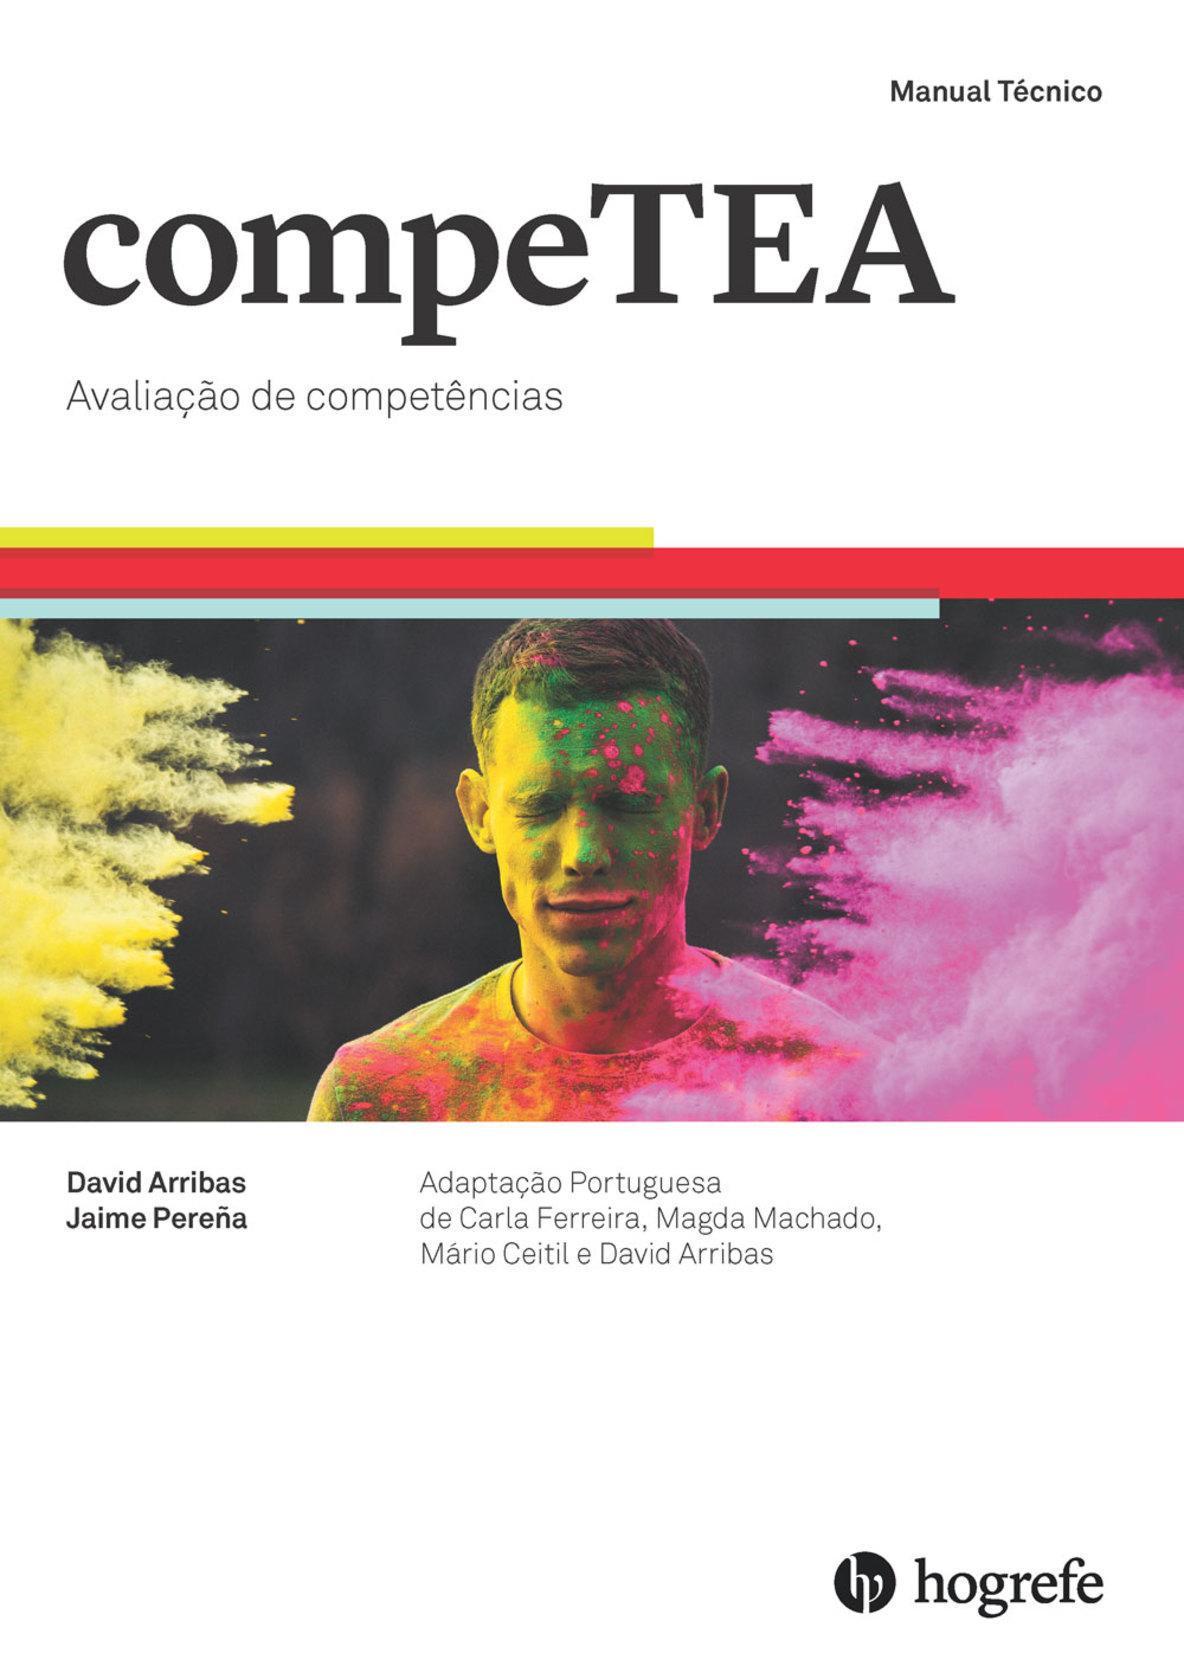 Kit Completo (inclui Manual Técnico, 20 Cadernos, 100 Folhas de Resposta e 100 créditos de correção)